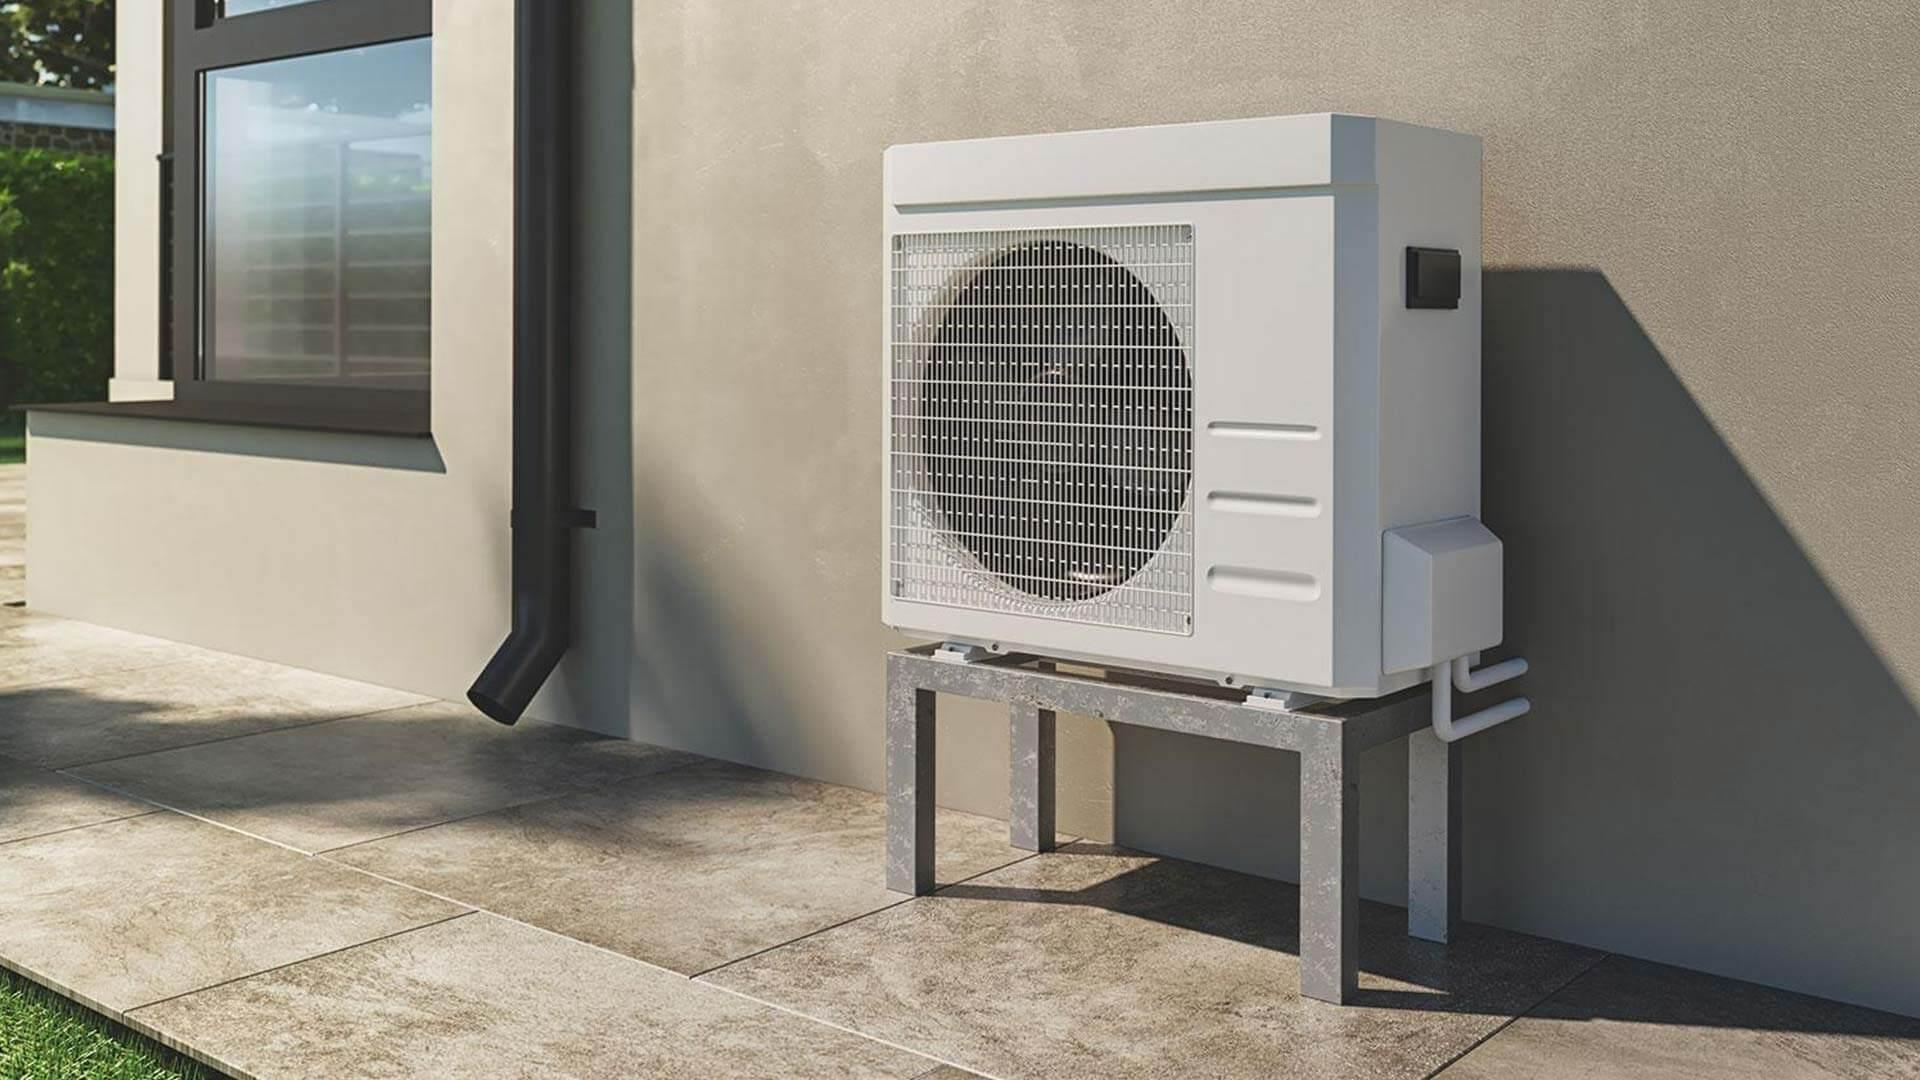 Jakie czynniki stosowane są w pompach ciepła?